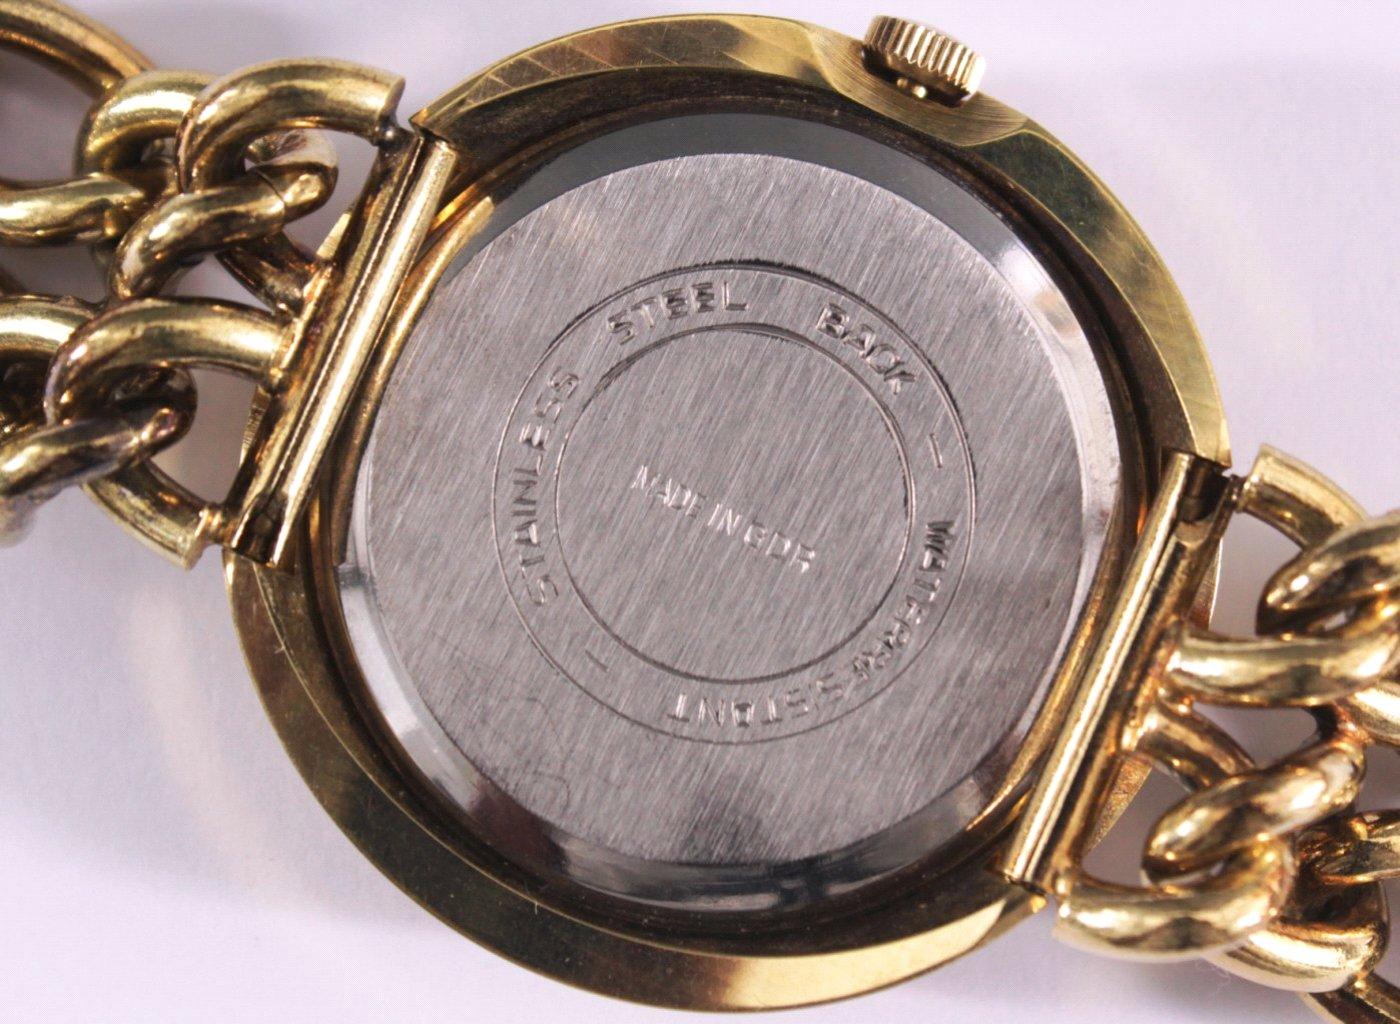 Glashütte Armbanduhr aus den 70er Jahren, Vintage-3